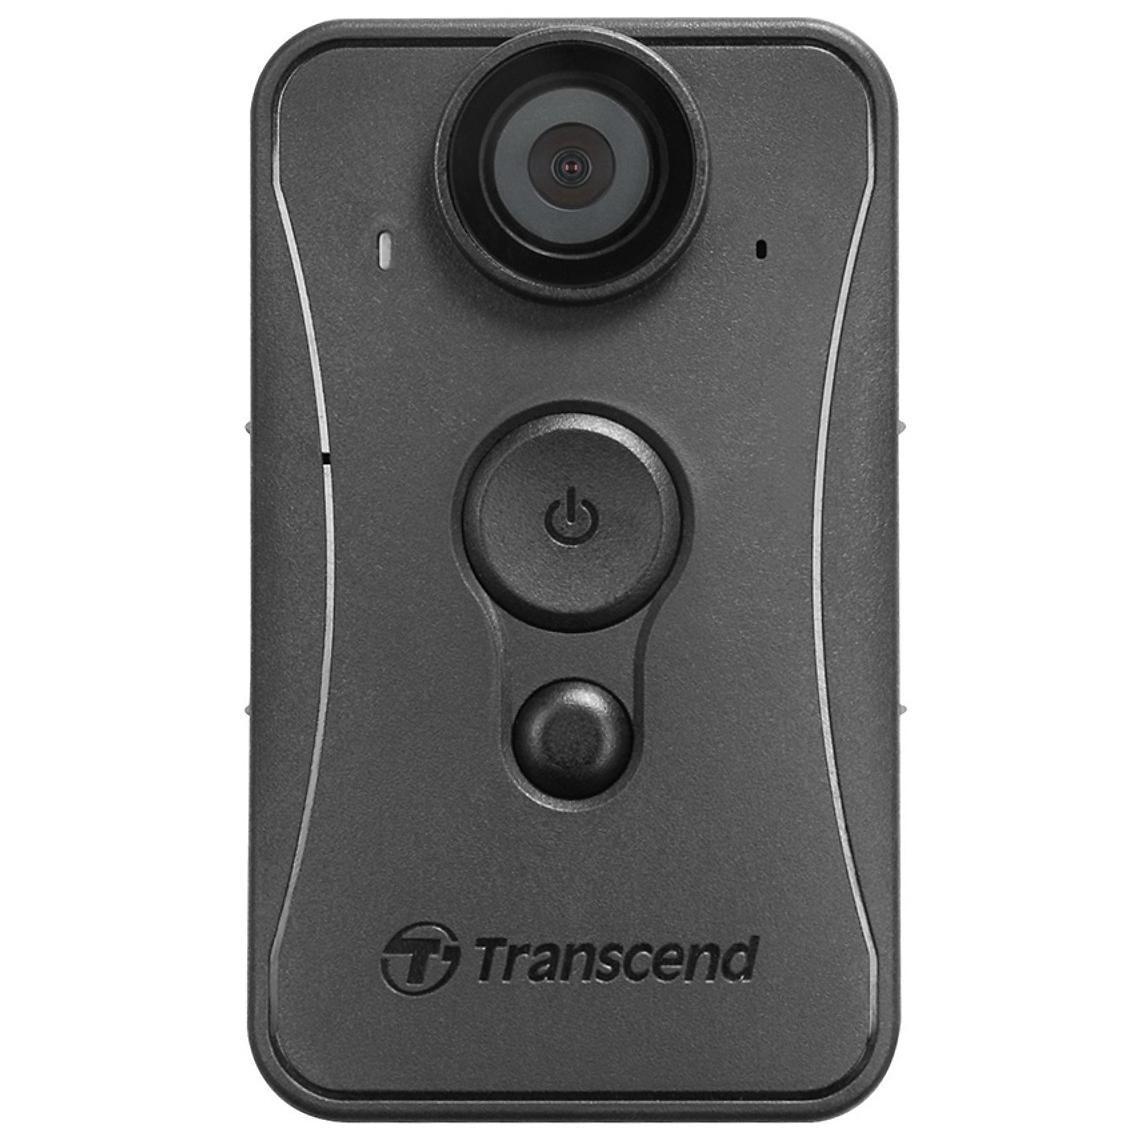 Hình ảnh camera Transcend Drivepro Body 20